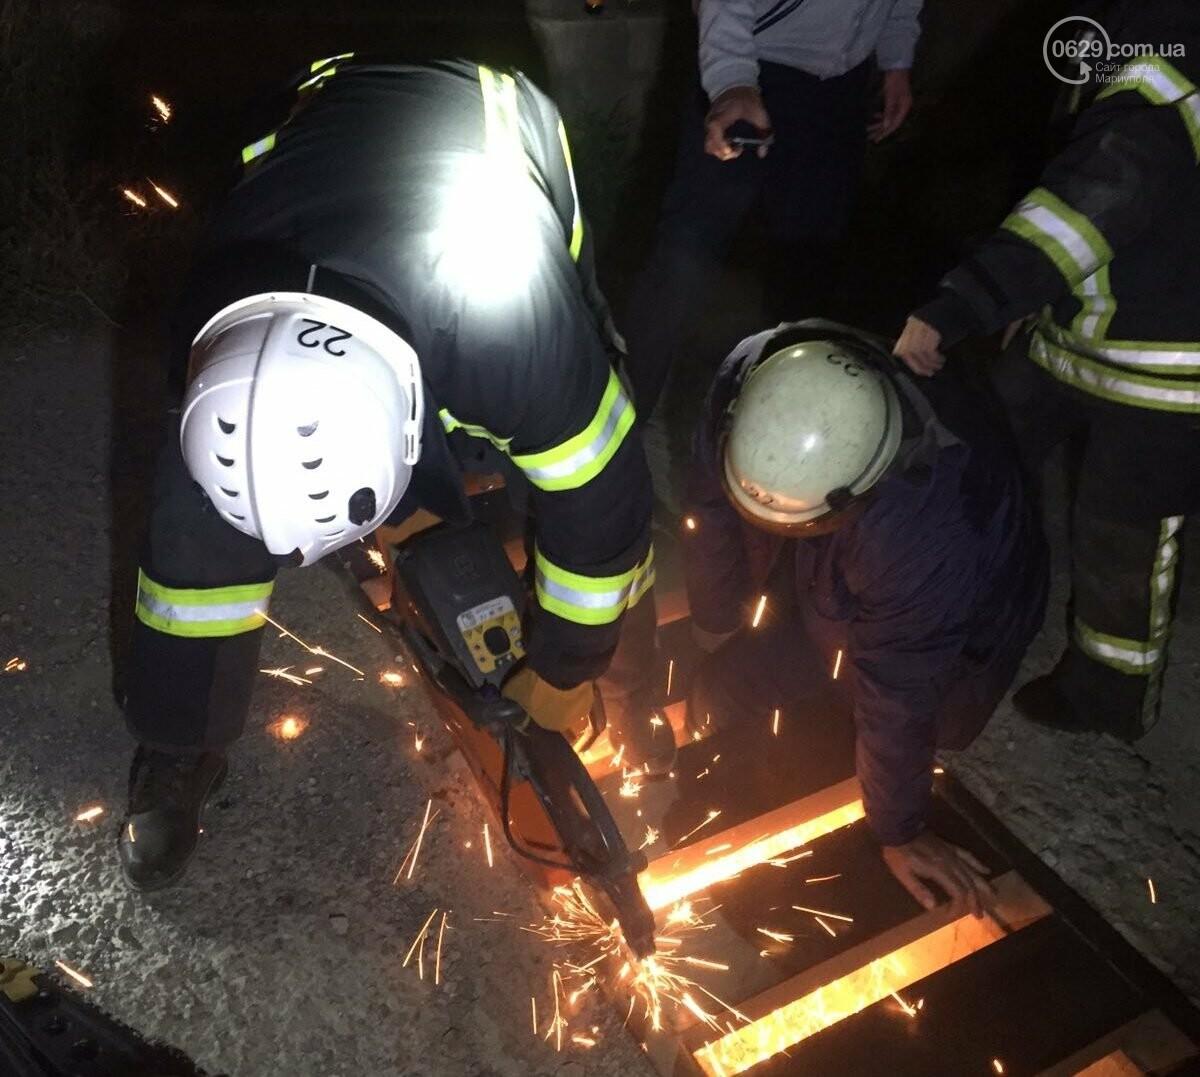 В Мариуполе мужчина провалился в ливневую канализацию, - ФОТО, фото-1